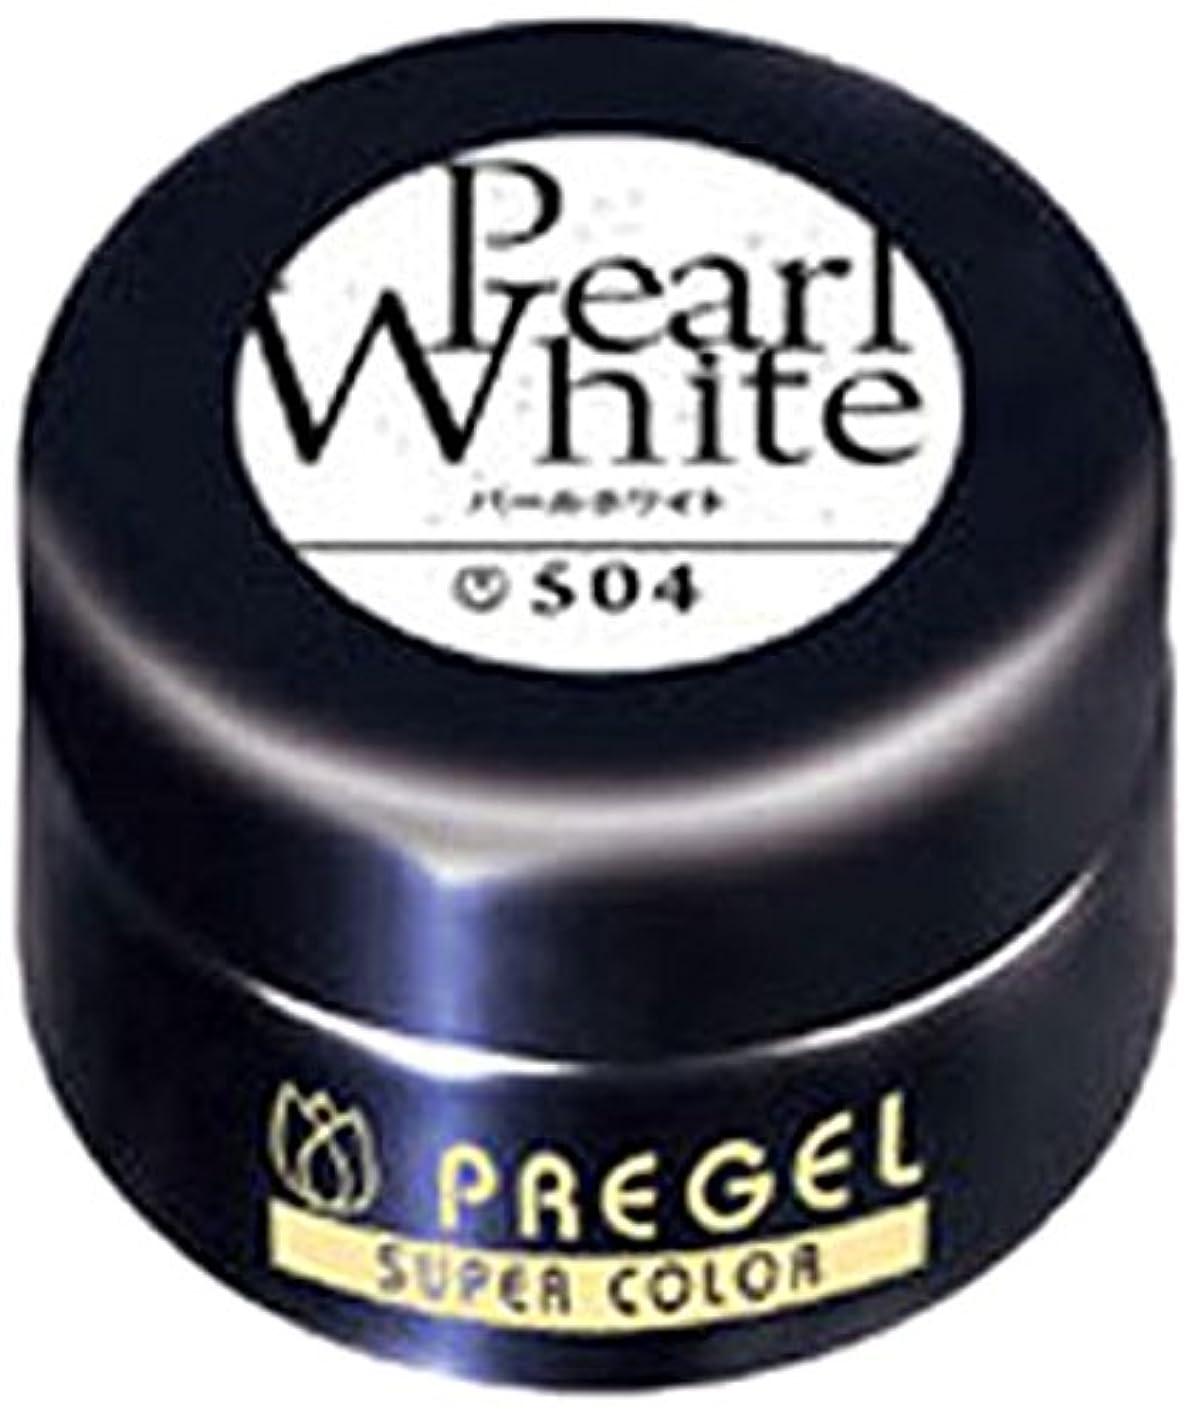 句読点拘束イチゴプリジェル スーパーカラーEX パールホワイト 4g PG-SE504 カラージェル UV/LED対応